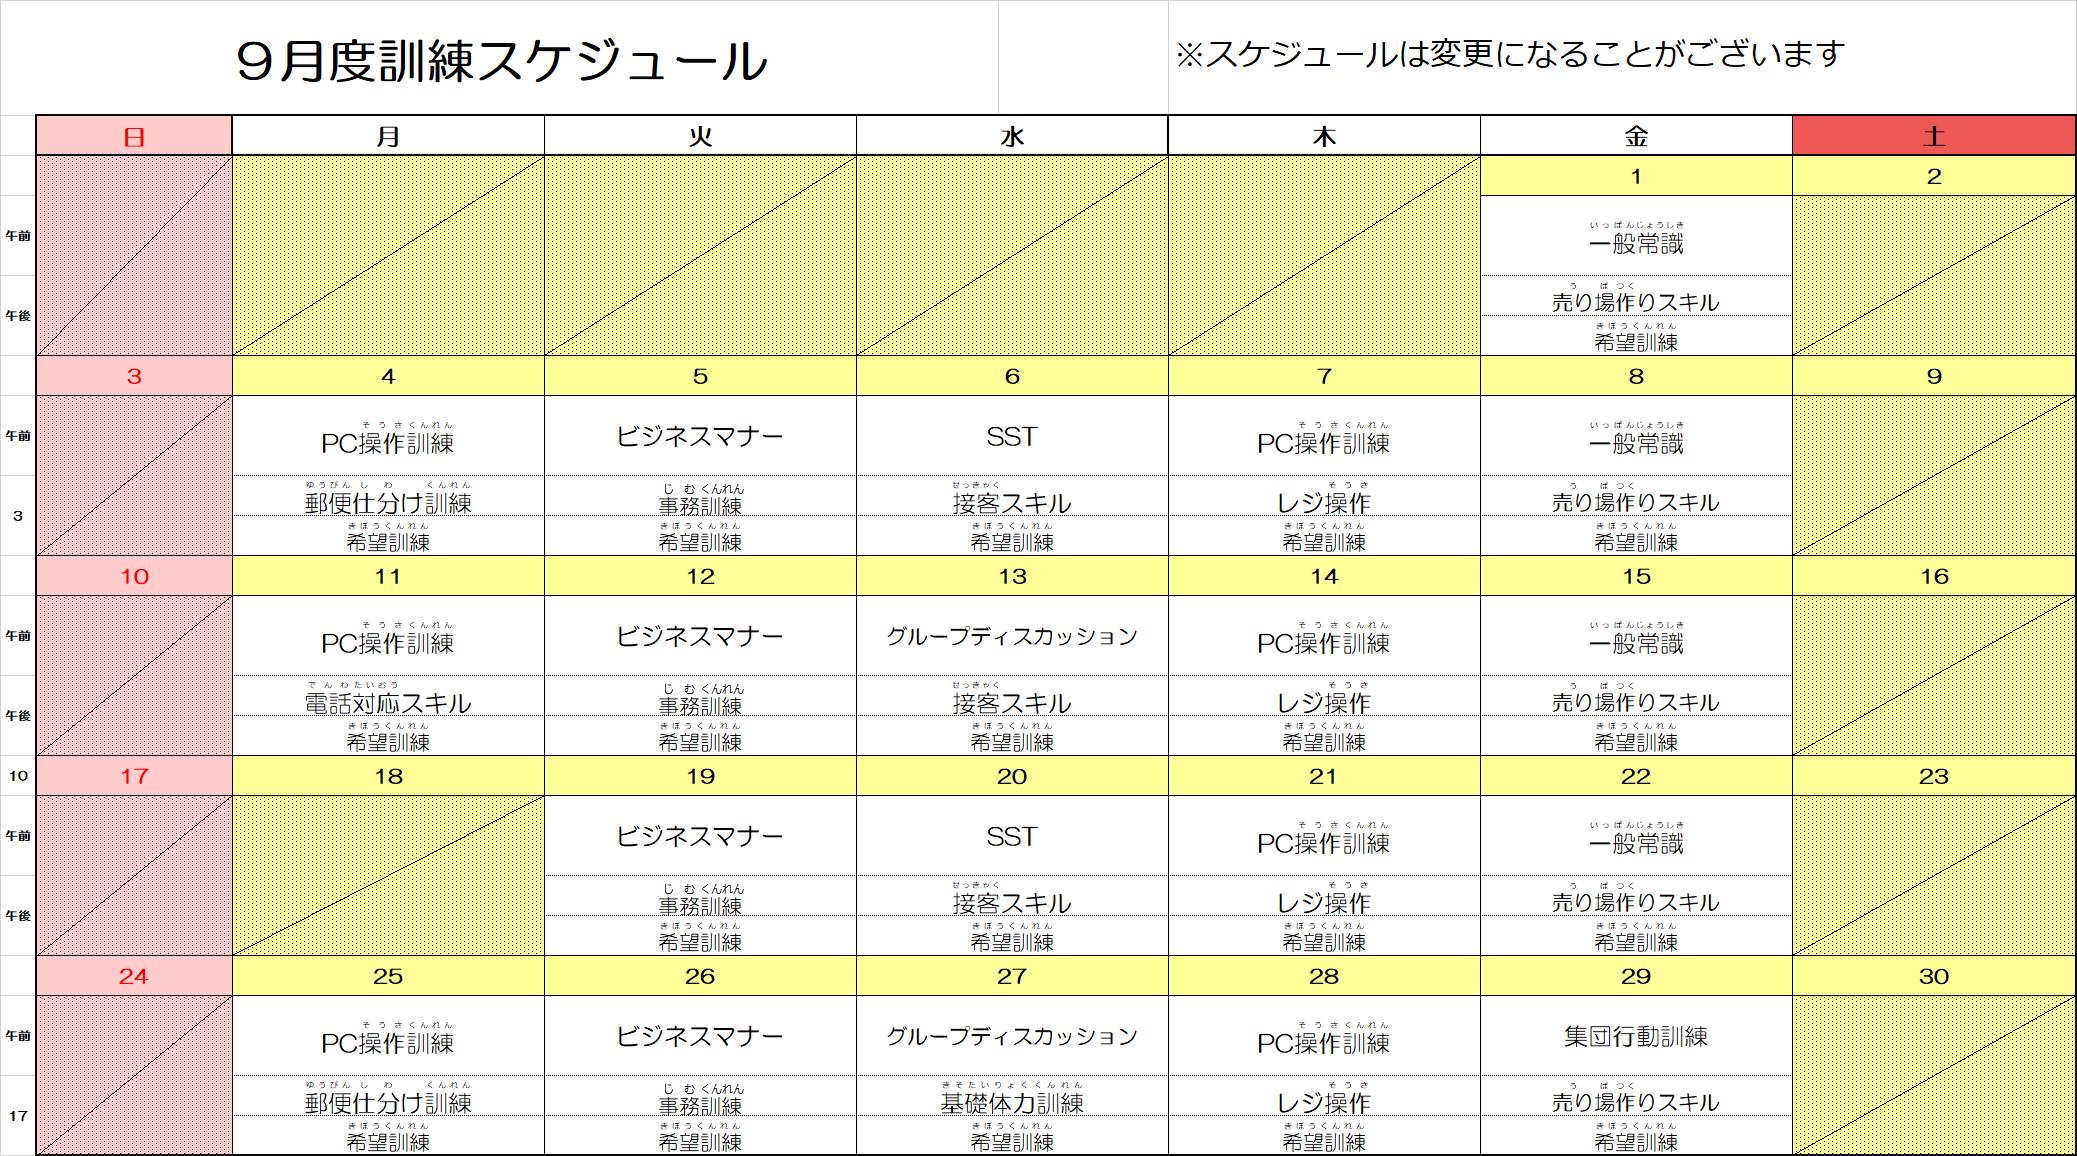 9月カリキュラム(コメント付き)